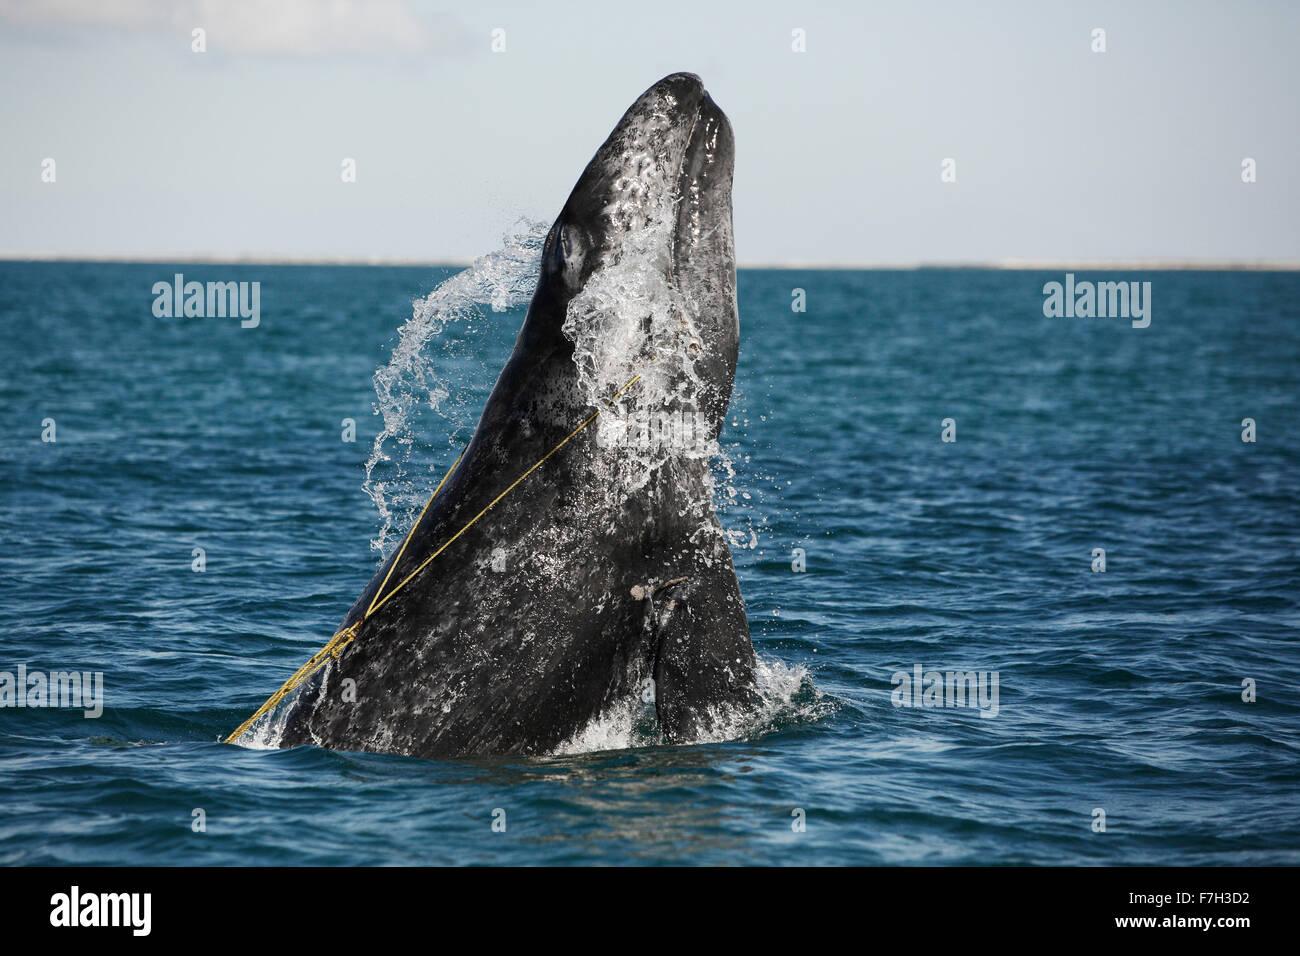 Pr5272-D. La baleine grise (Eschrichtius robustus) violer, juvénile empêtré dans un casier à Photo Stock